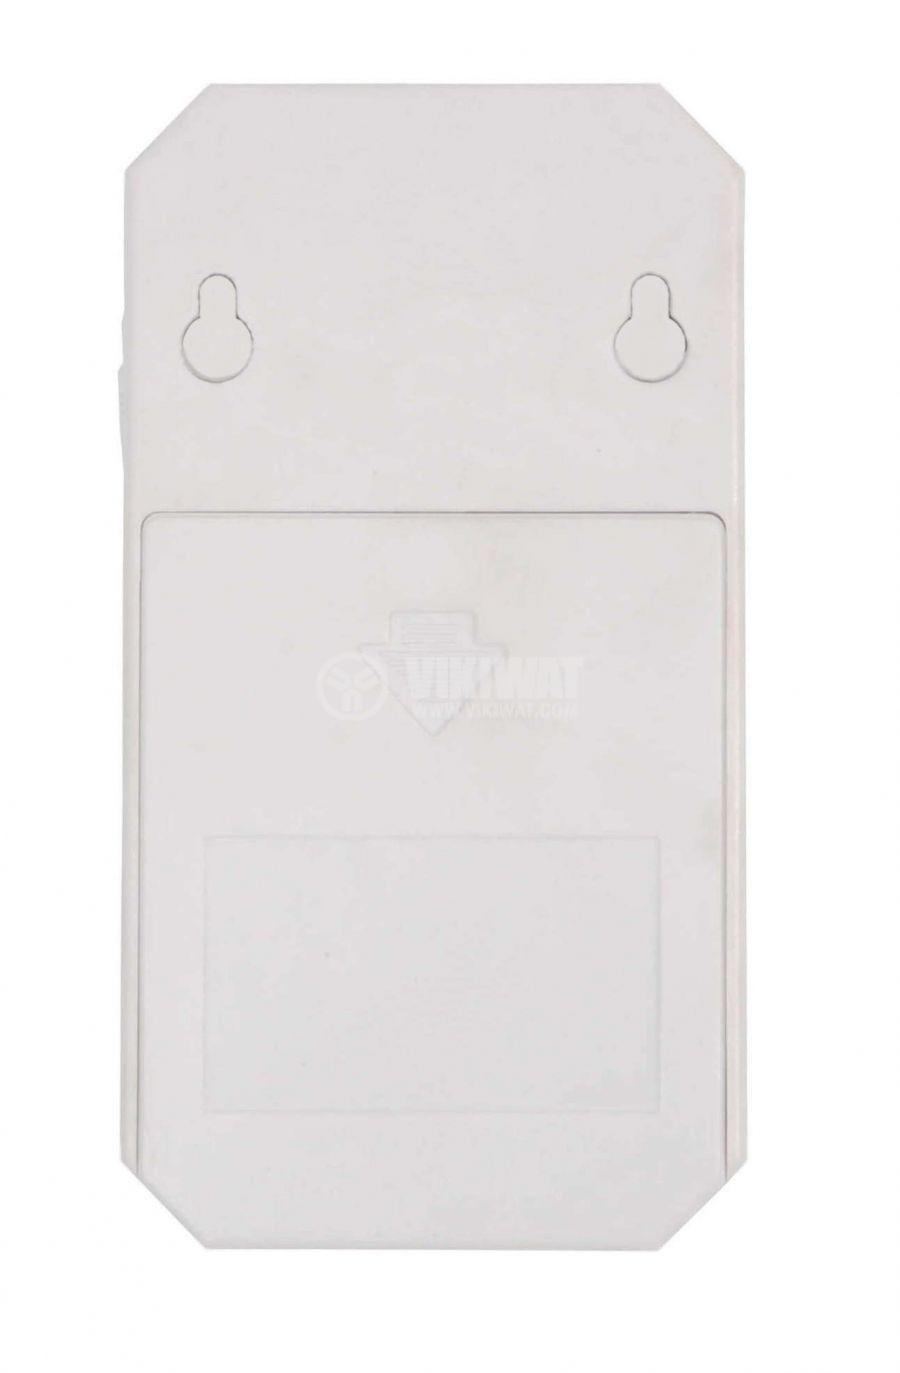 Alarm with PIR Sensor and keyboard AR160B, 12VDC / 4xAA - 3